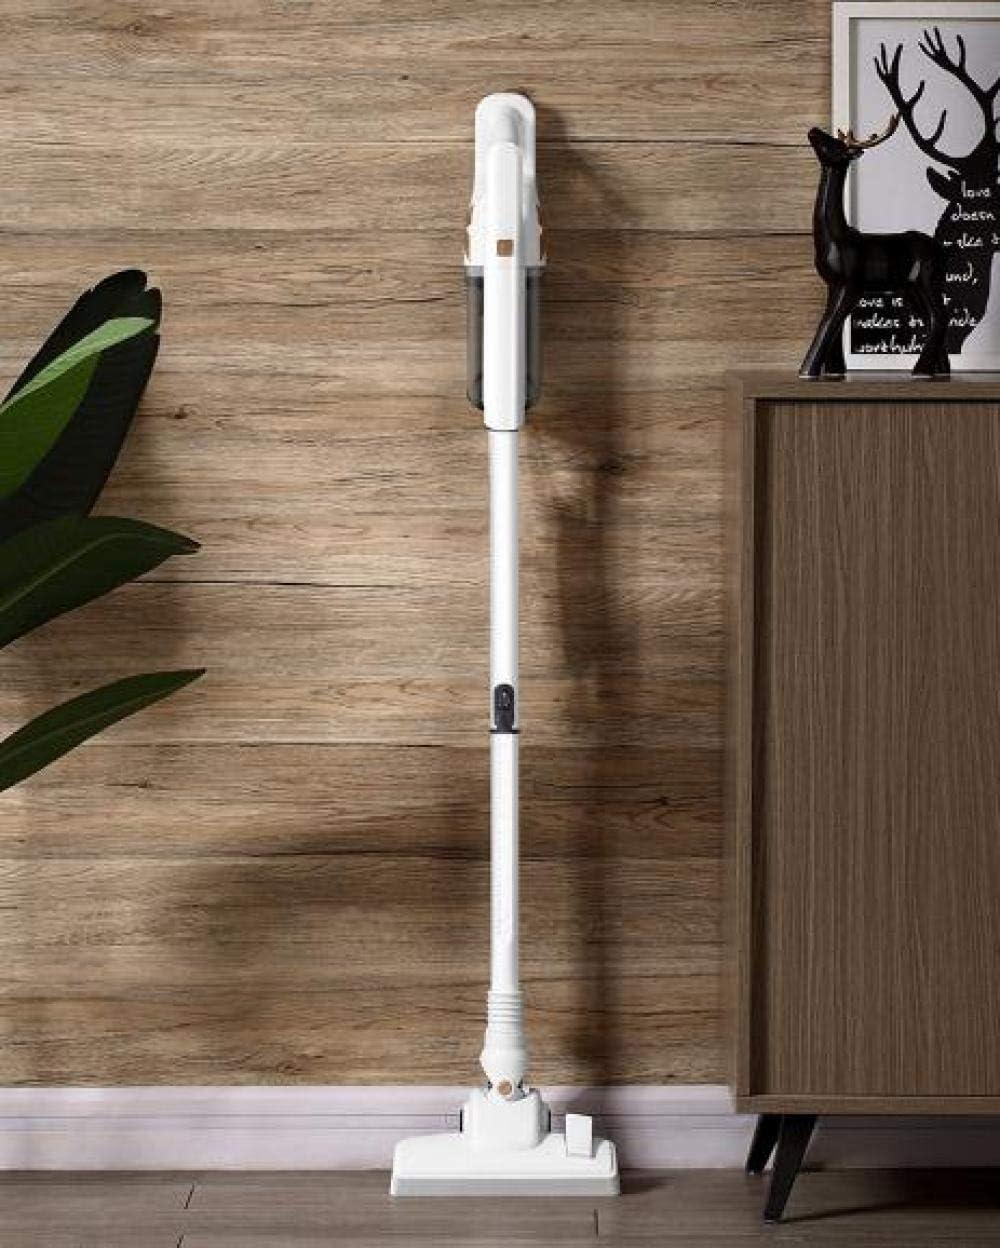 xiaoxiao666 Aspirapolvere Verticale Senza Fili Oro Bianco spazzatrice a Doppia Funzione per Pavimenti duri e Moquette Ricaricabile e Senza Cavi Jinbai